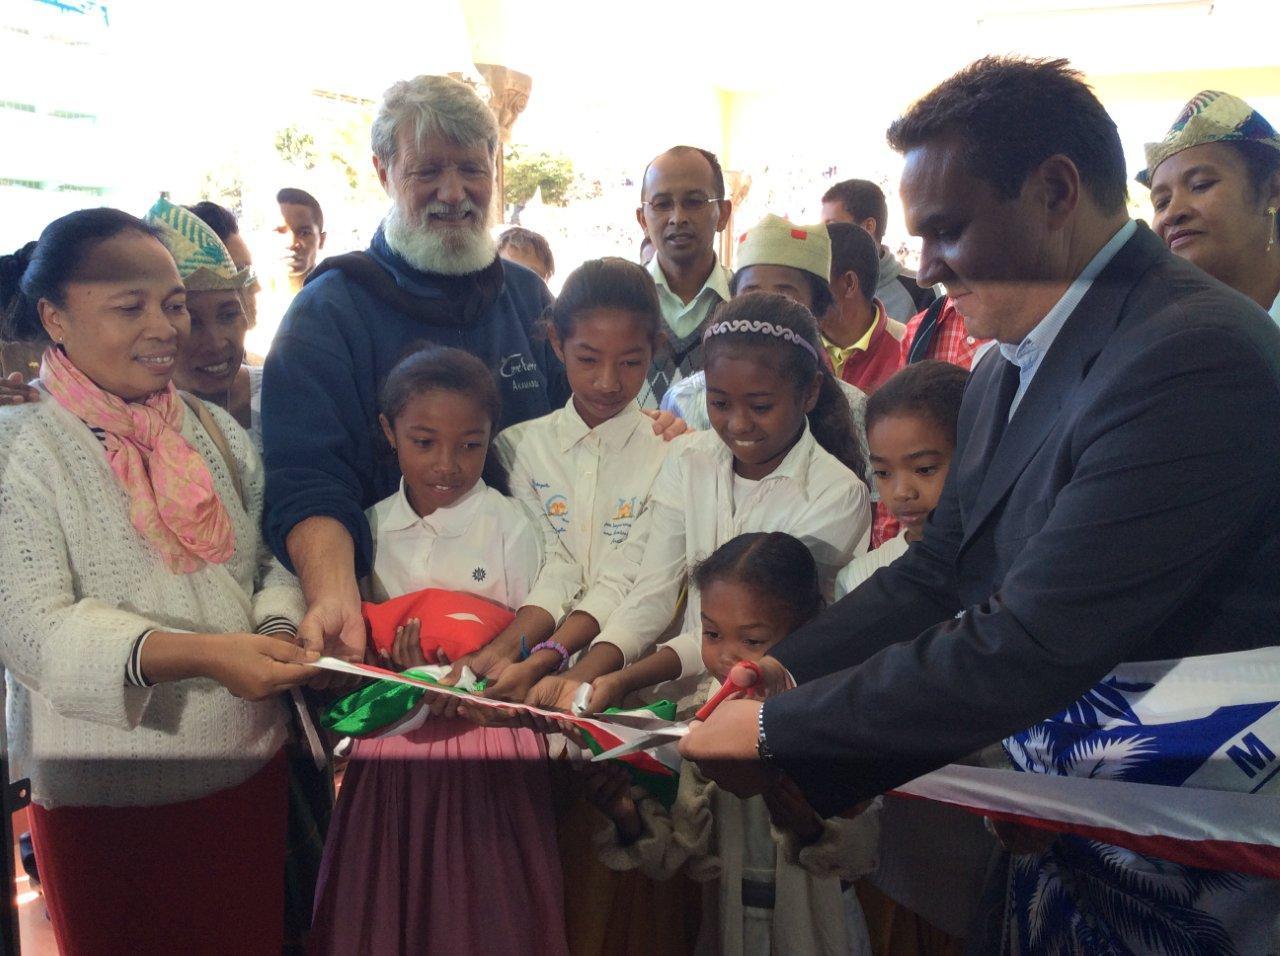 28 Mai 2015  Le Président de la Région Réunion Didier ROBERT inaugure l'Espace Culturel et de la nouvelle Ecole d'AKAMASOA